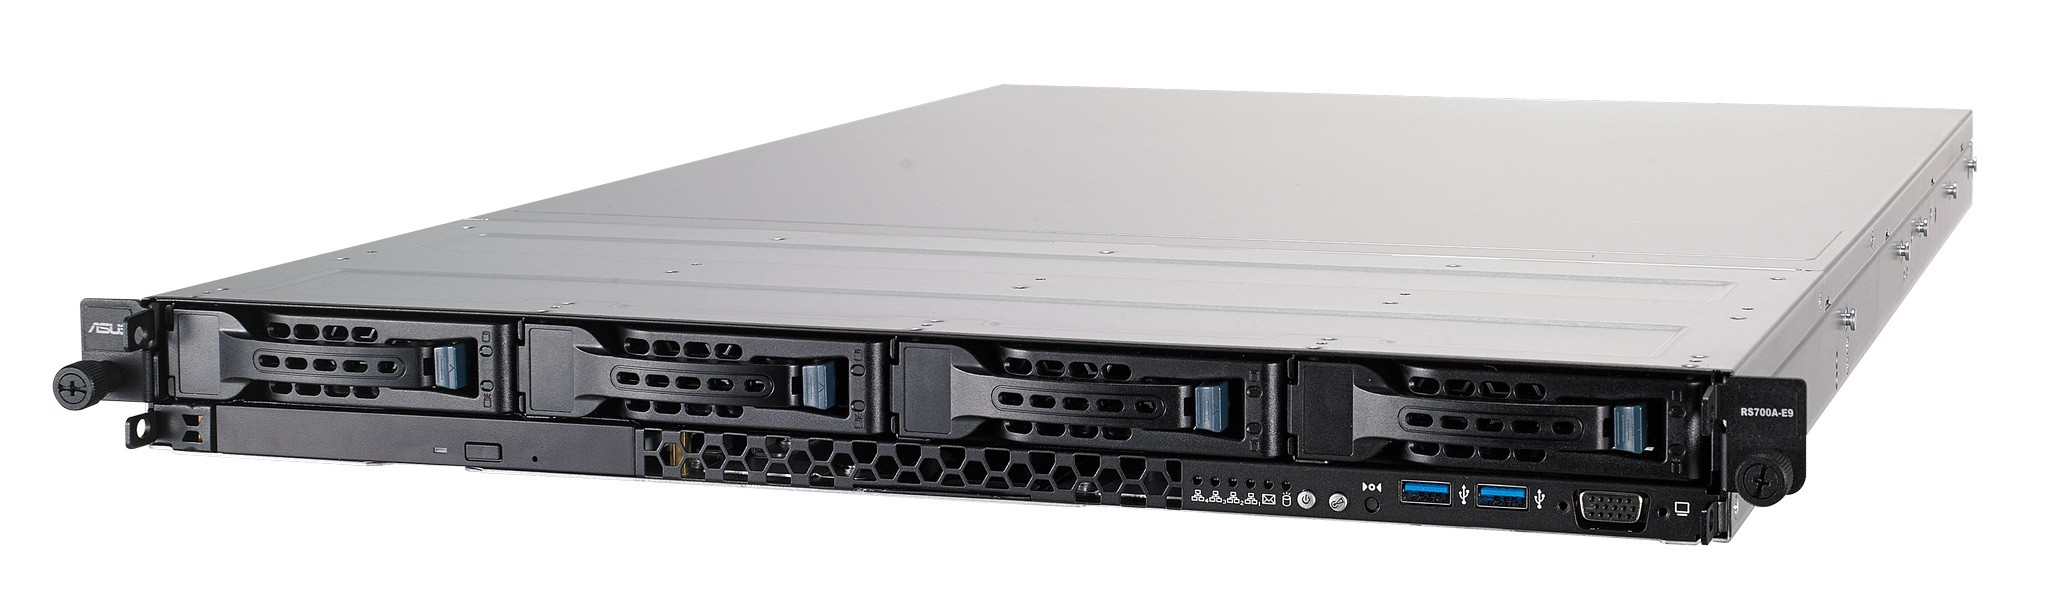 ASUS công bố hai dòng máy chủ x86 với AMD EPYC